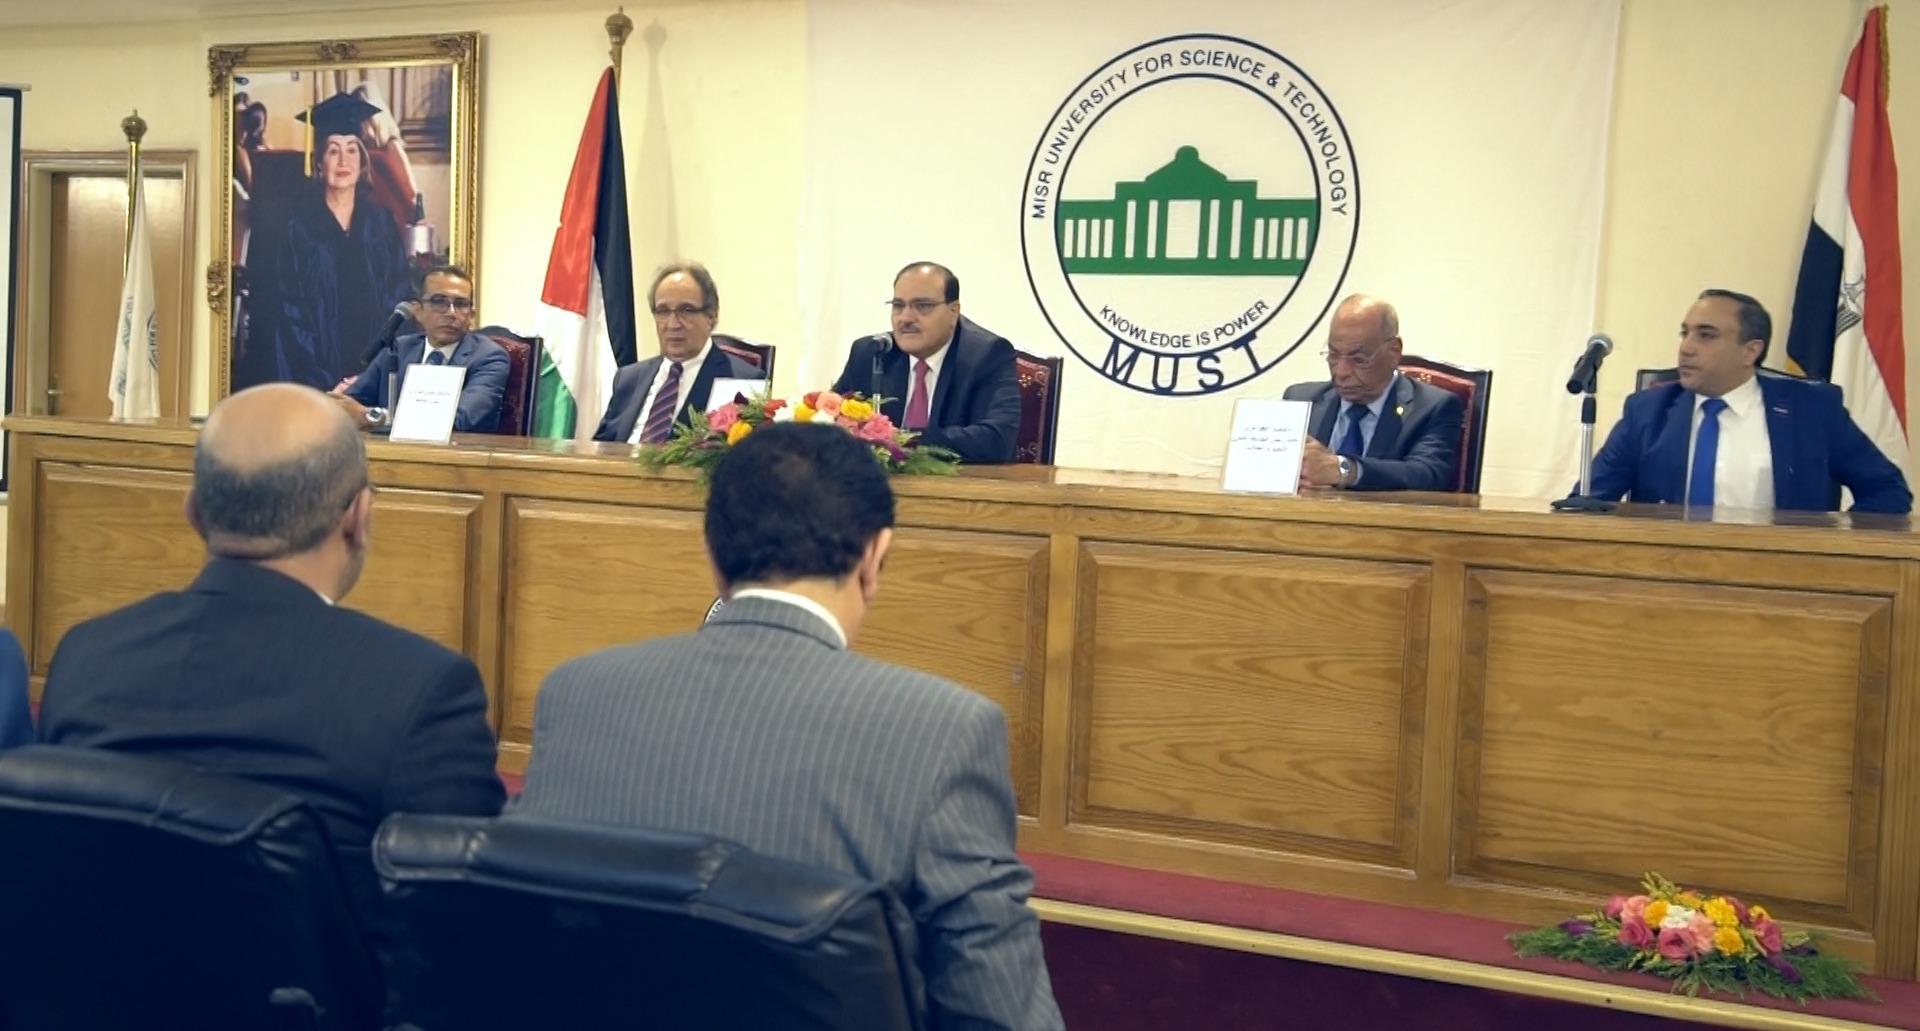 جامعة مصر للعلوم والتكنولوجيا تستقبل وزير التعليم العالي الأردني